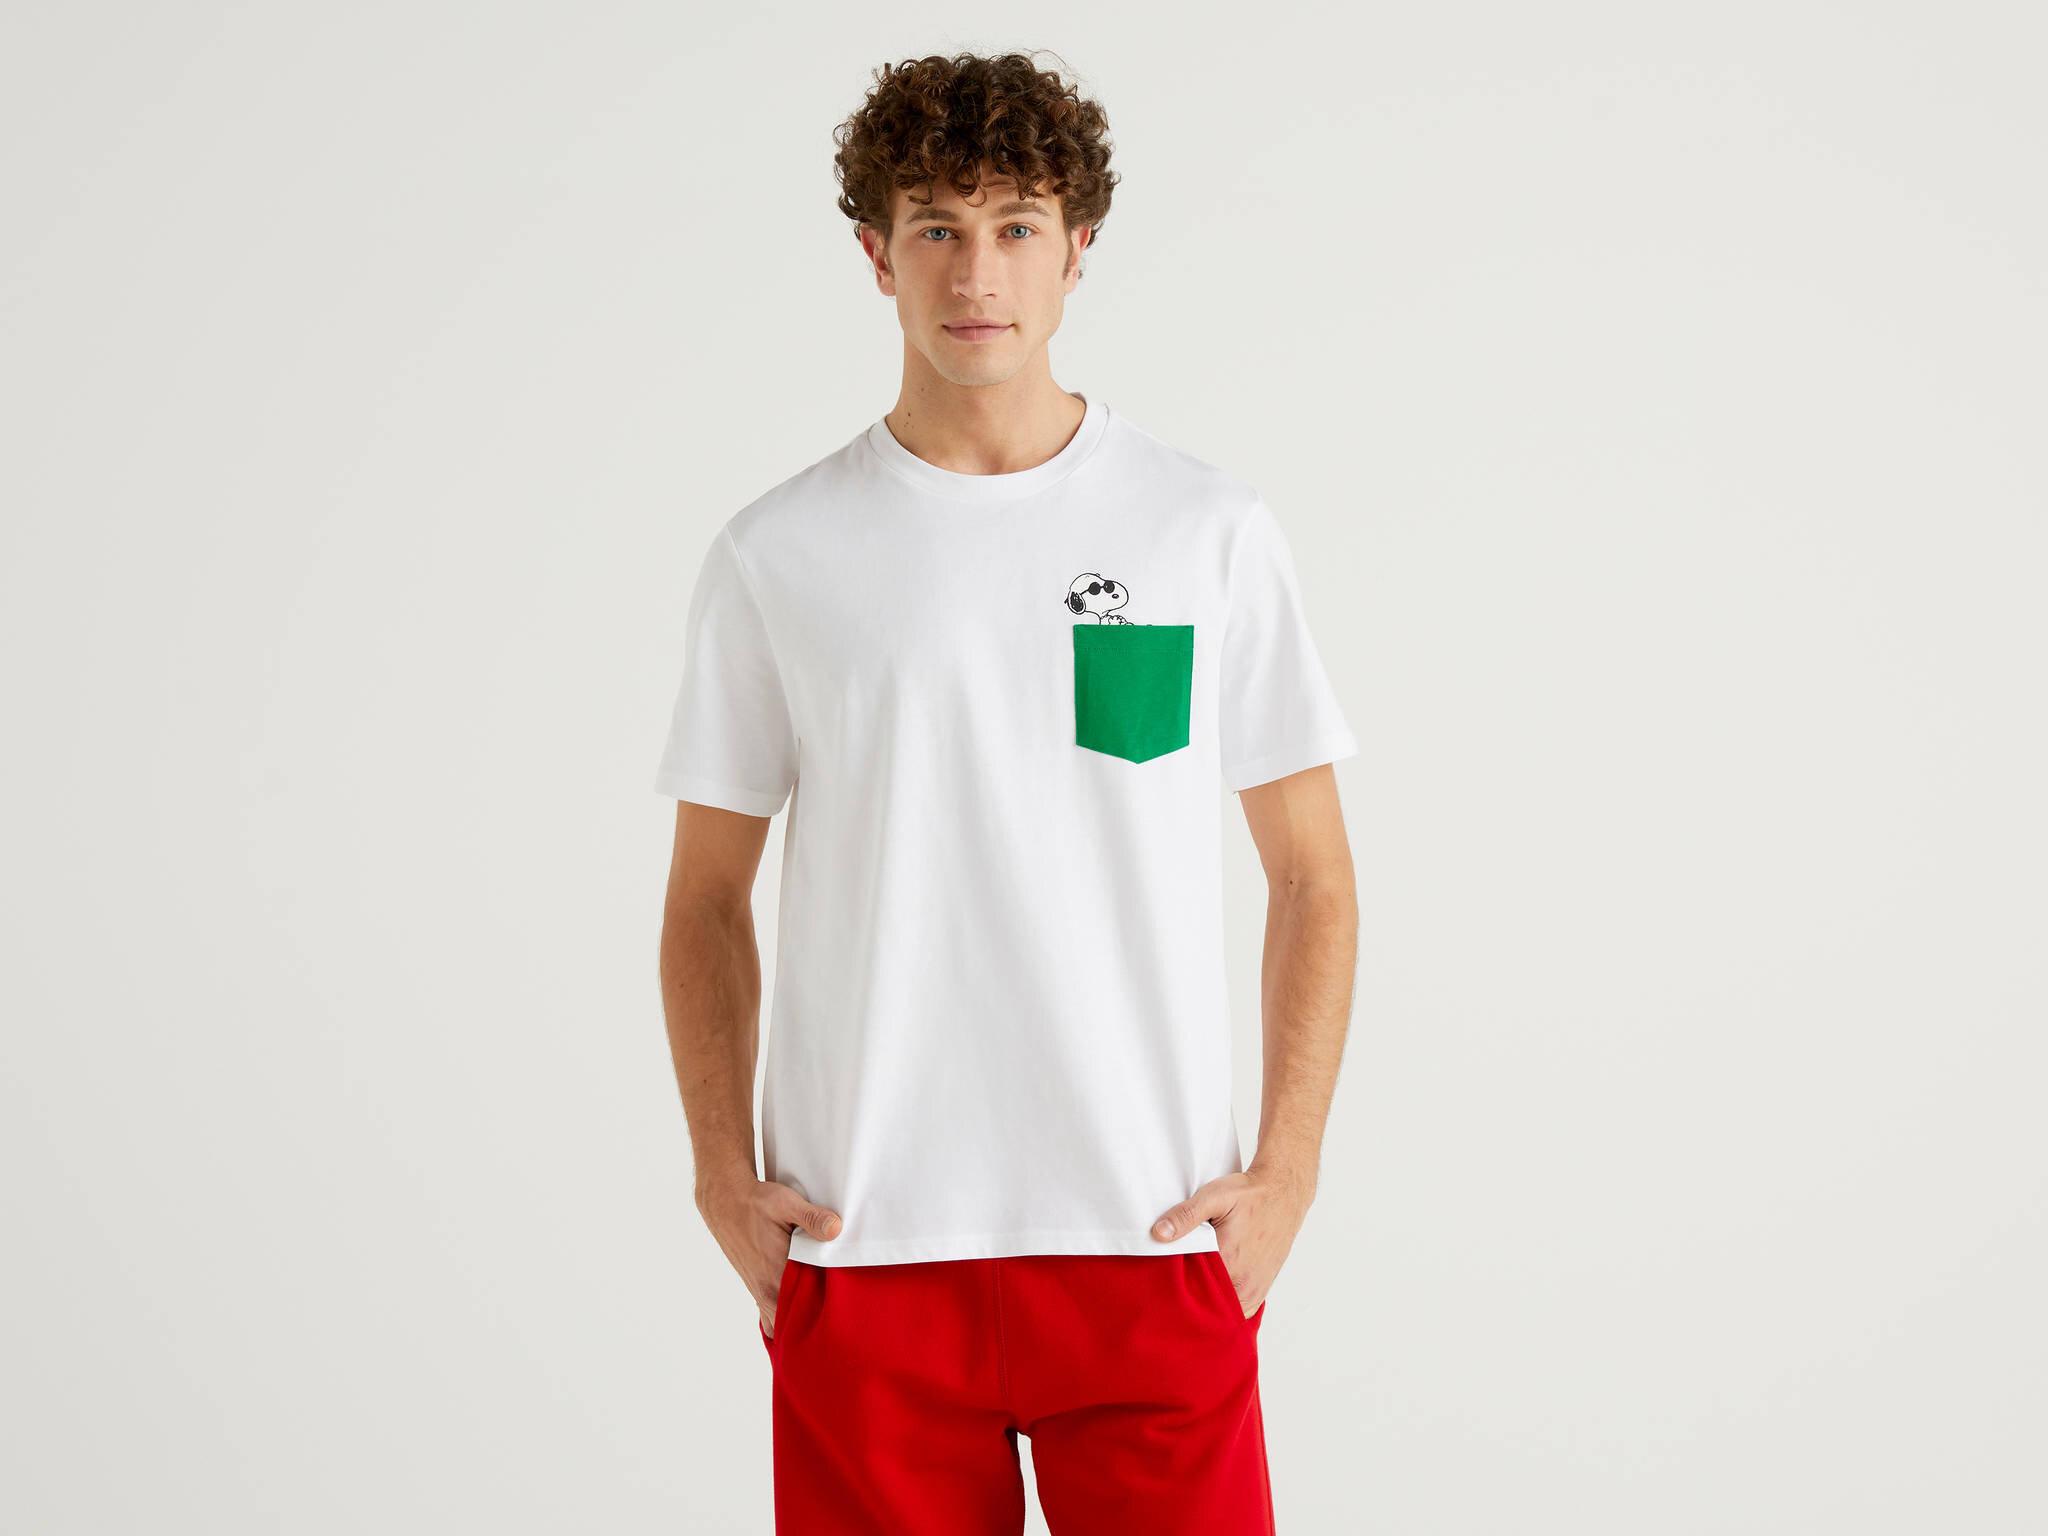 Snoopy Cep Detaylı Tshirt